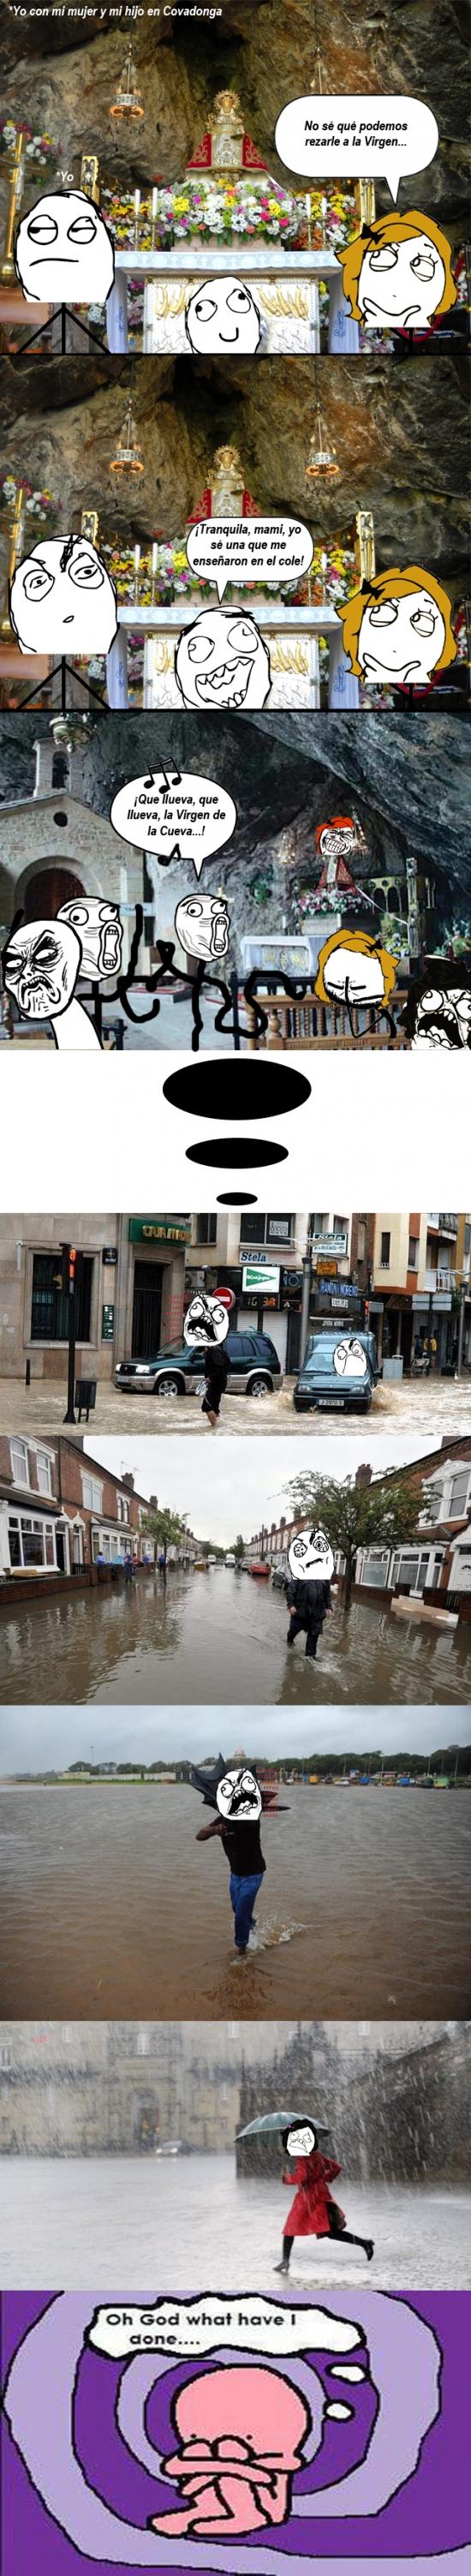 Oh_god_what_have_i_done - ¡Que llueva, que llueva!